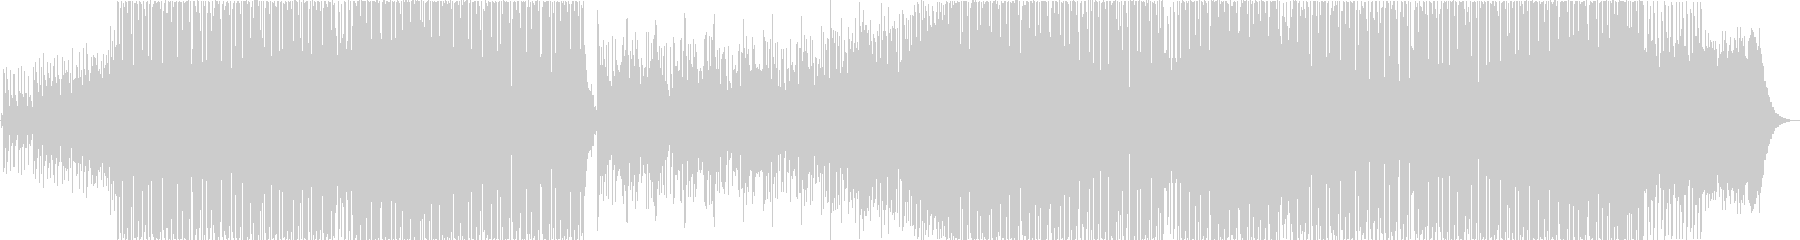 ハードコアの未再生の波形